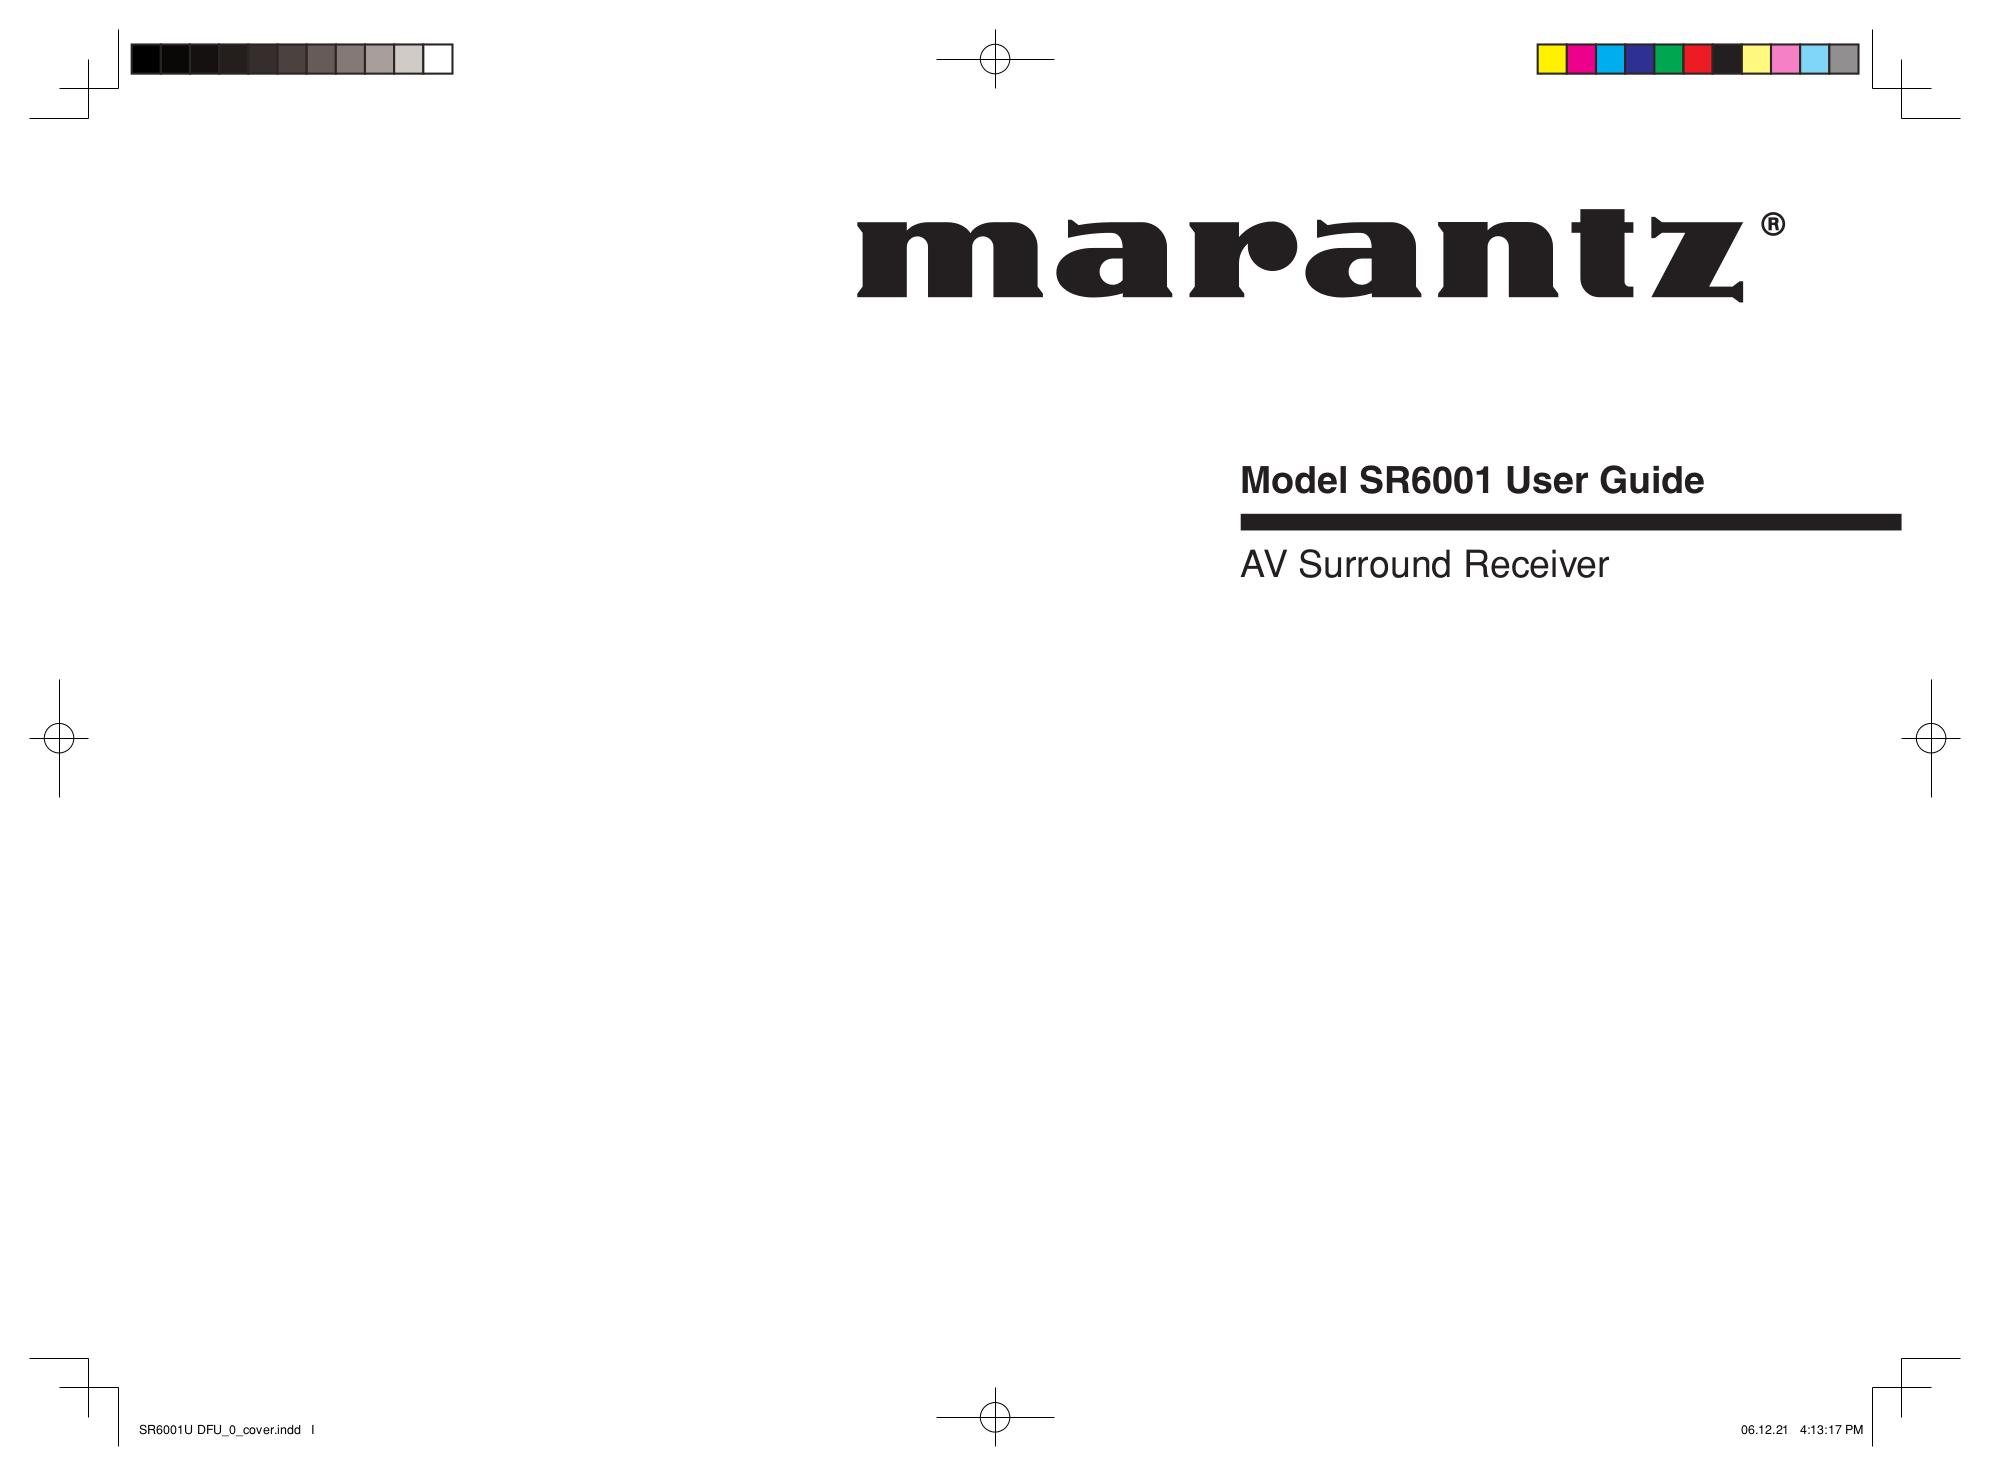 Download free pdf for Marantz SR-3000 Receiver manual